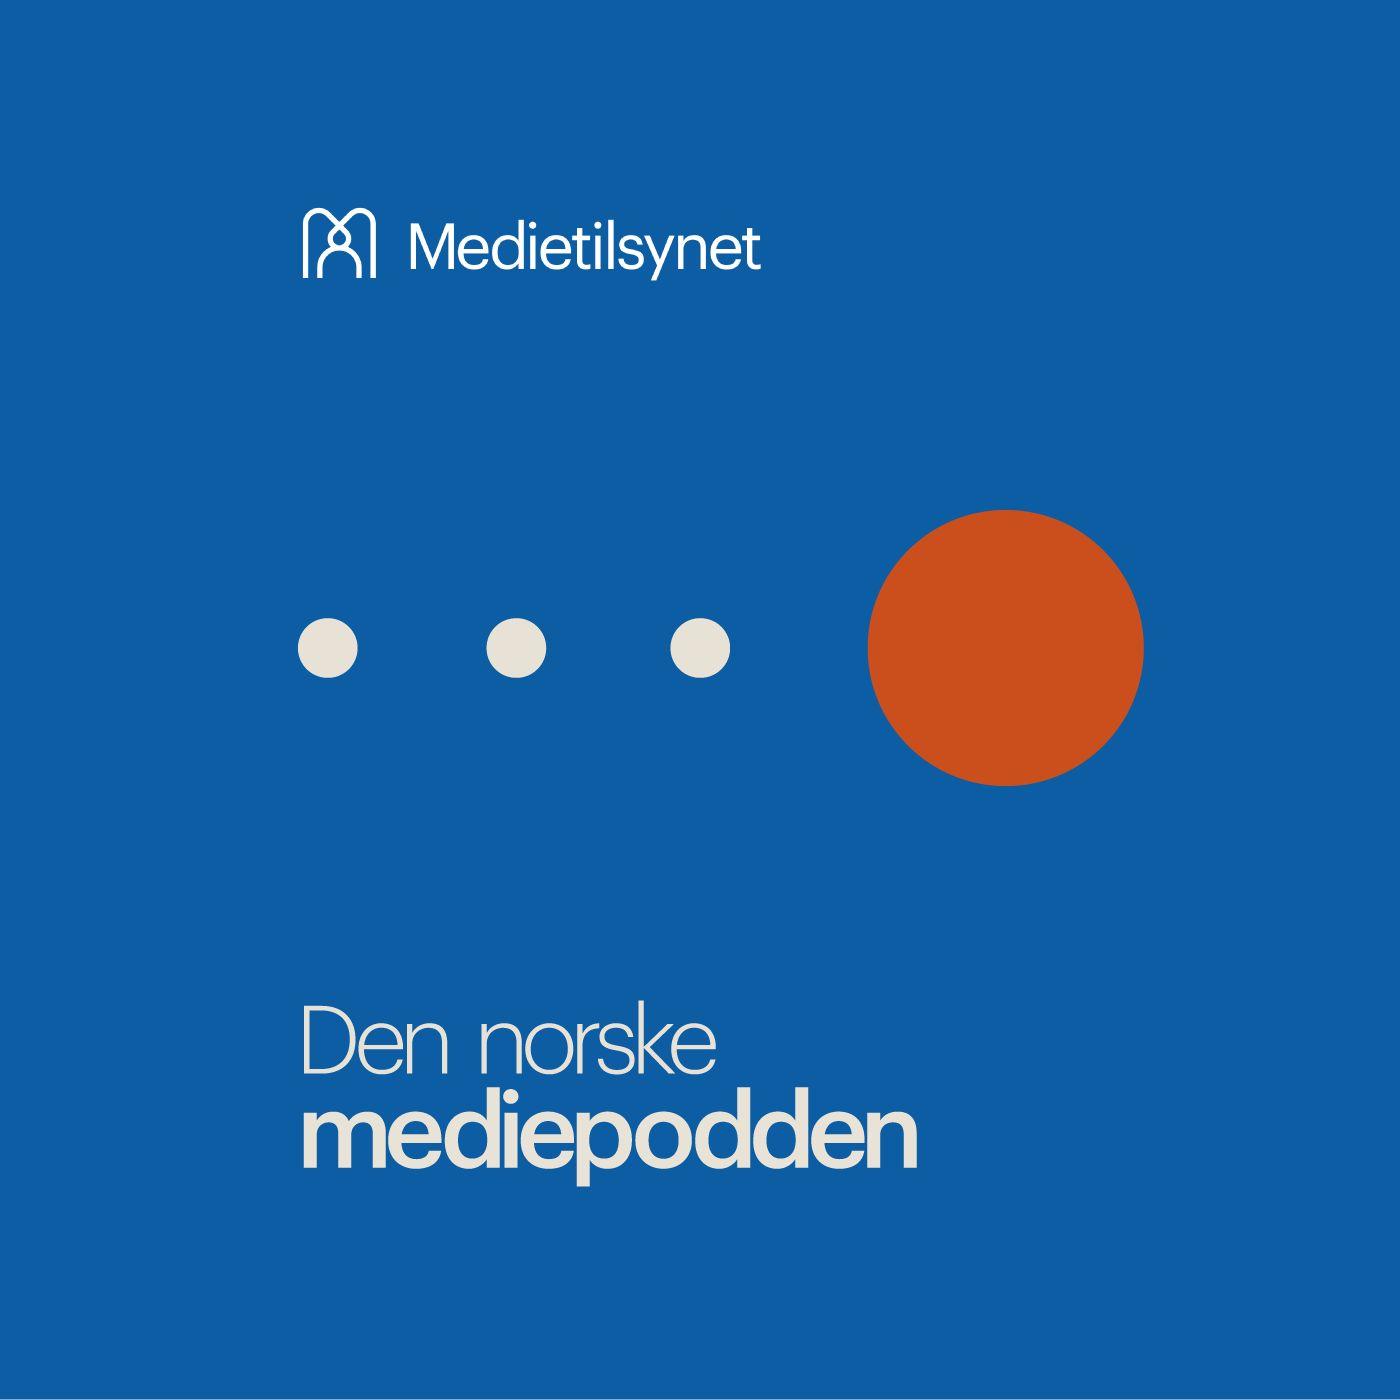 Den norske mediepodden